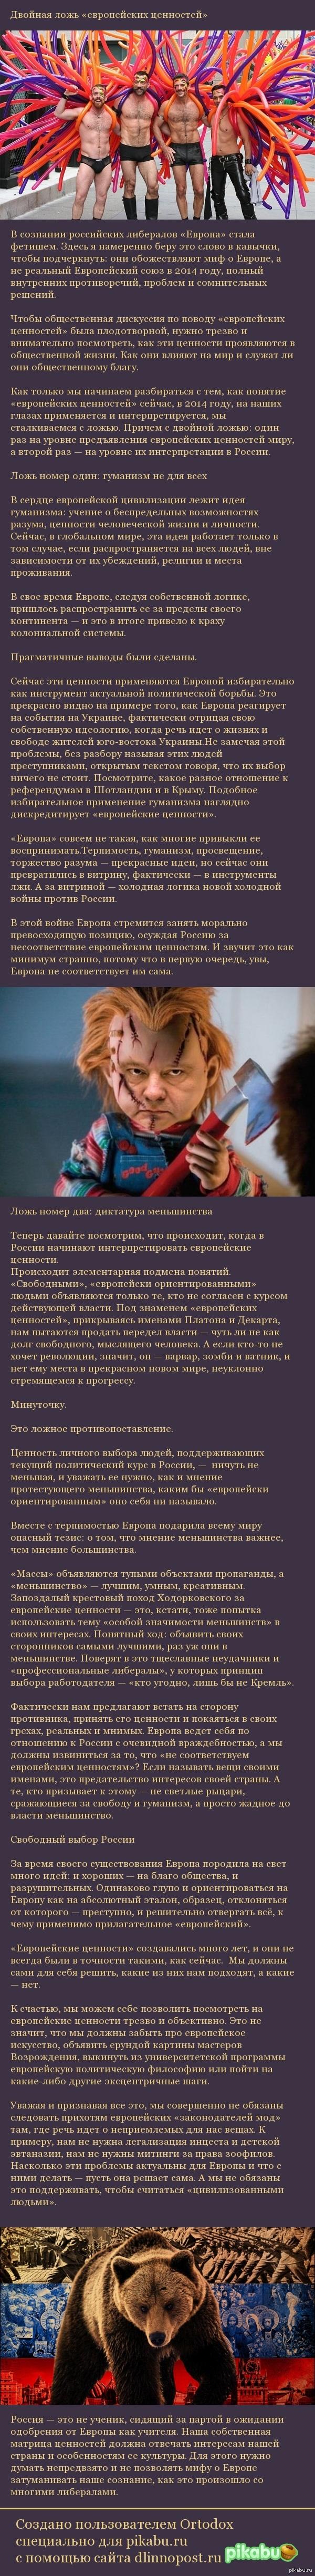 Двойная ложь «европейских ценностей». Россия — это не ученик, сидящий за партой в ожидании одобрения от Европы как учителя. Наша собственная матрица ценностей должна отвечать интересам нашей страны и особенностям ее культуры.